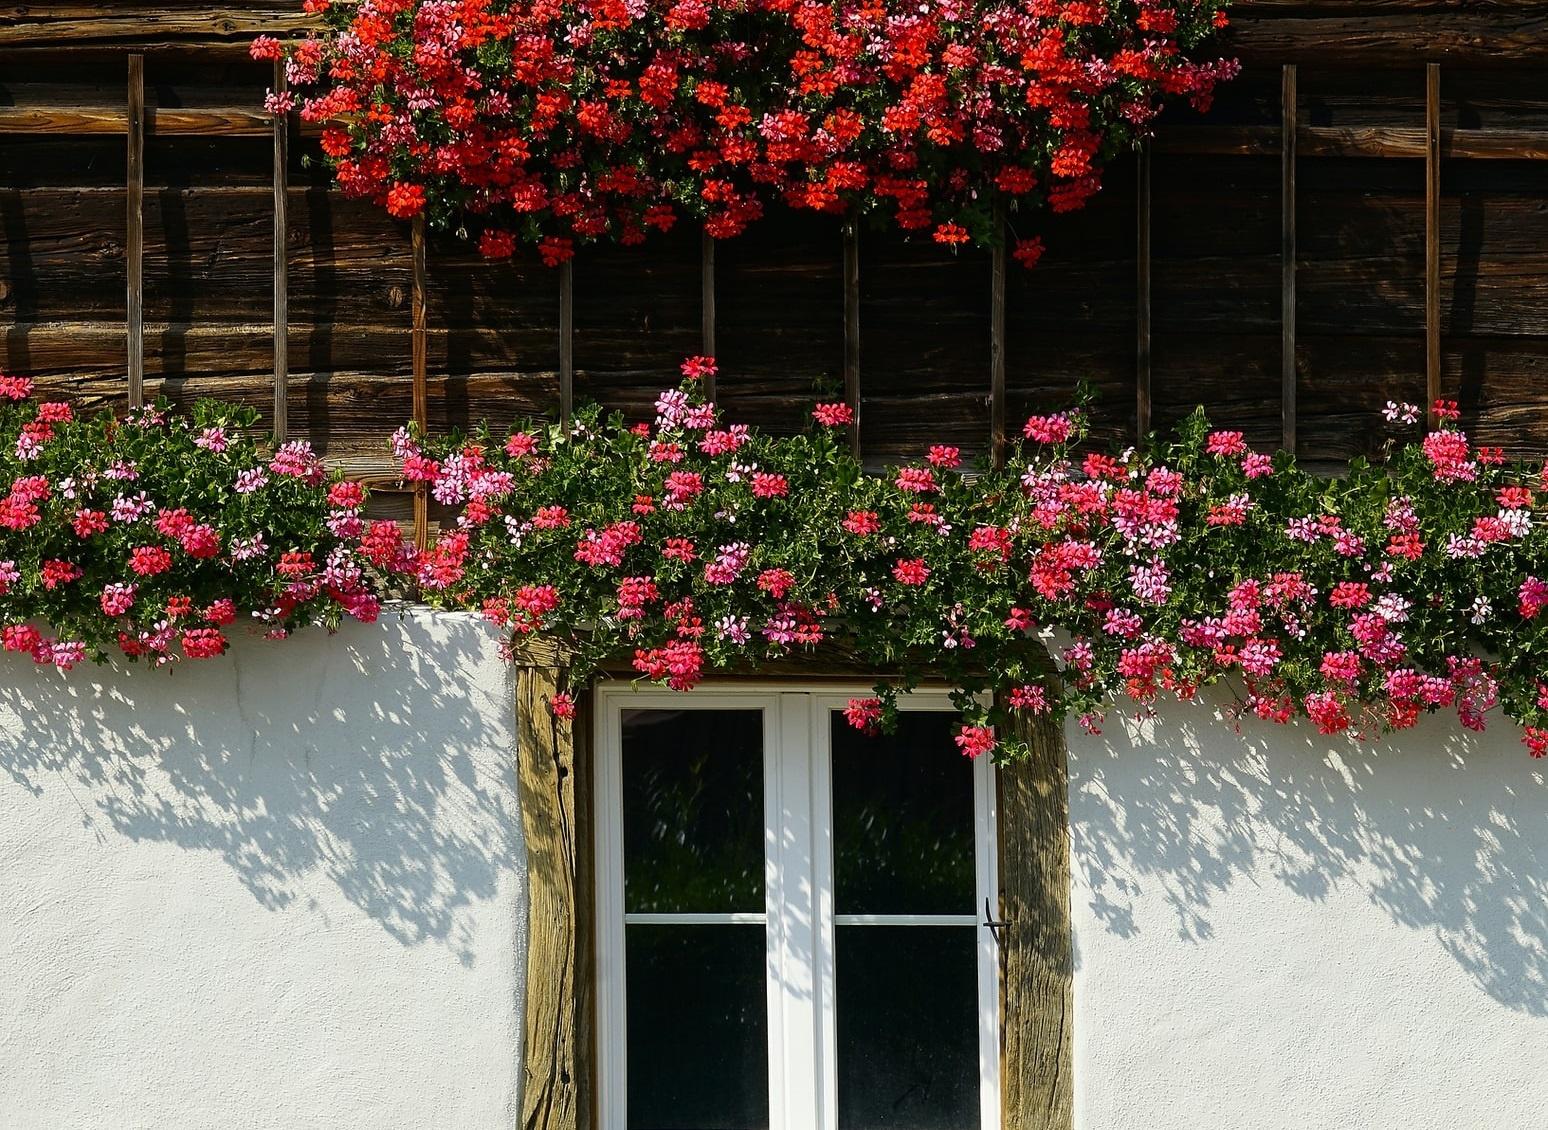 Neka vaš balkon bude najljepši – raj od pelargonija!